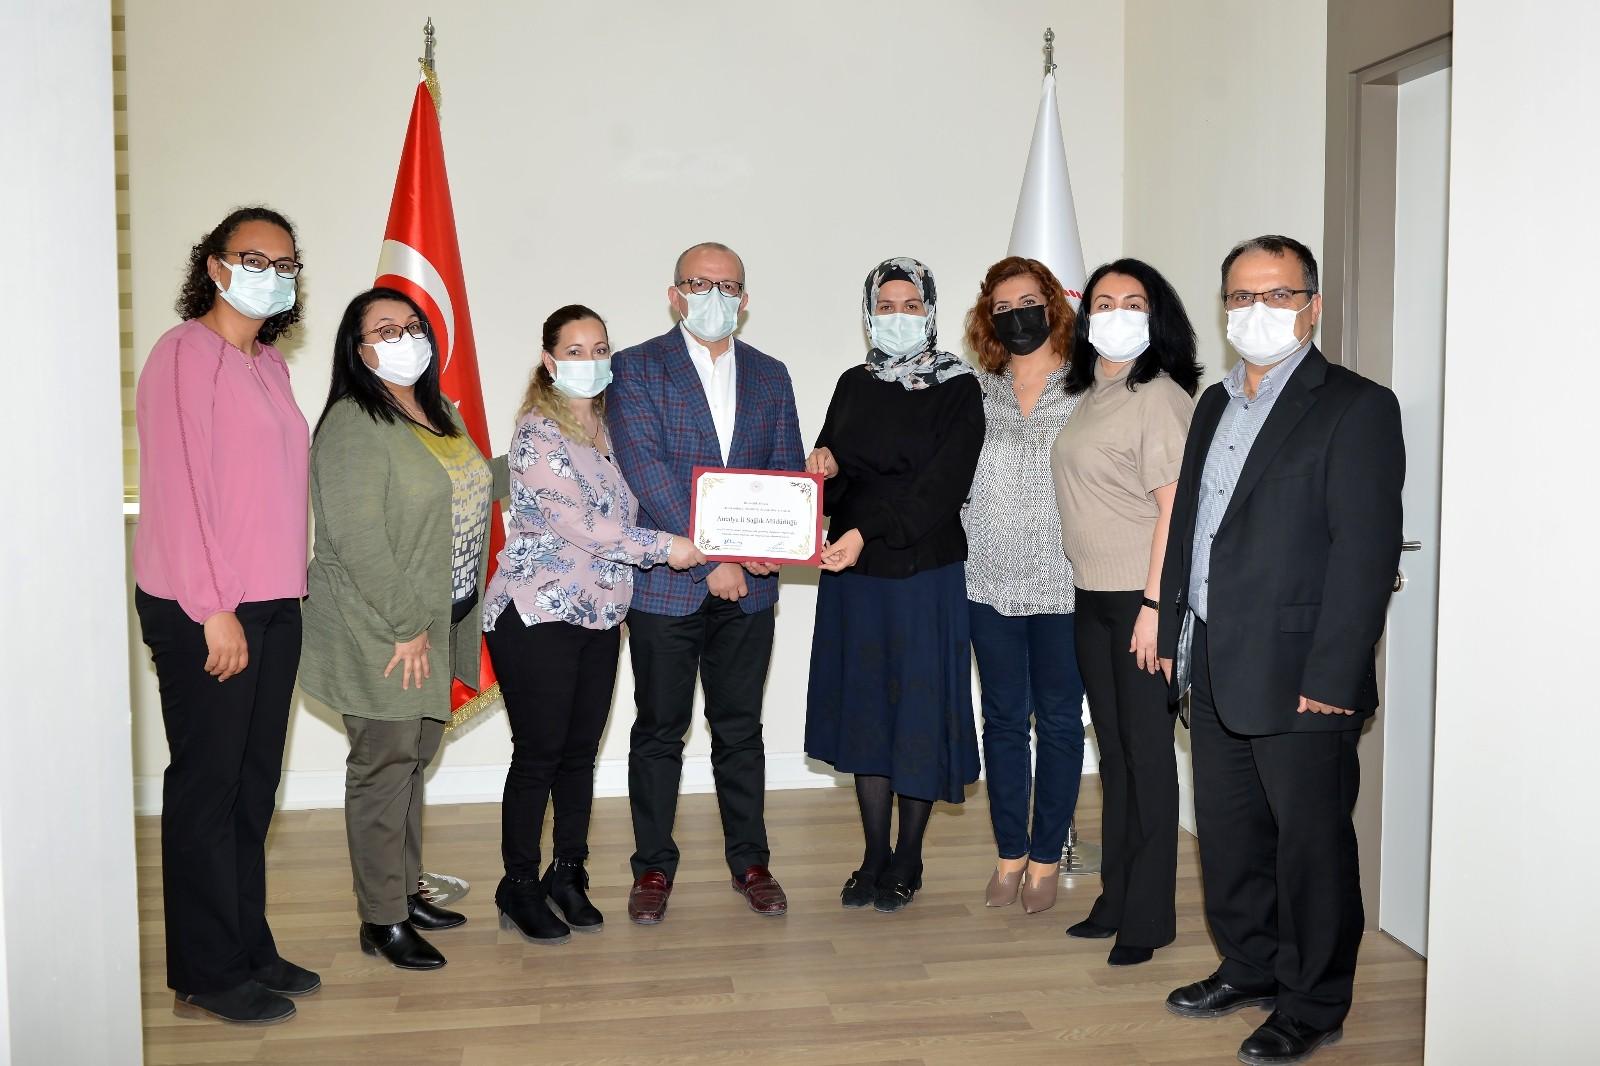 Antalya'ya serviks kanseri taramasında birincilik ödülü verildi